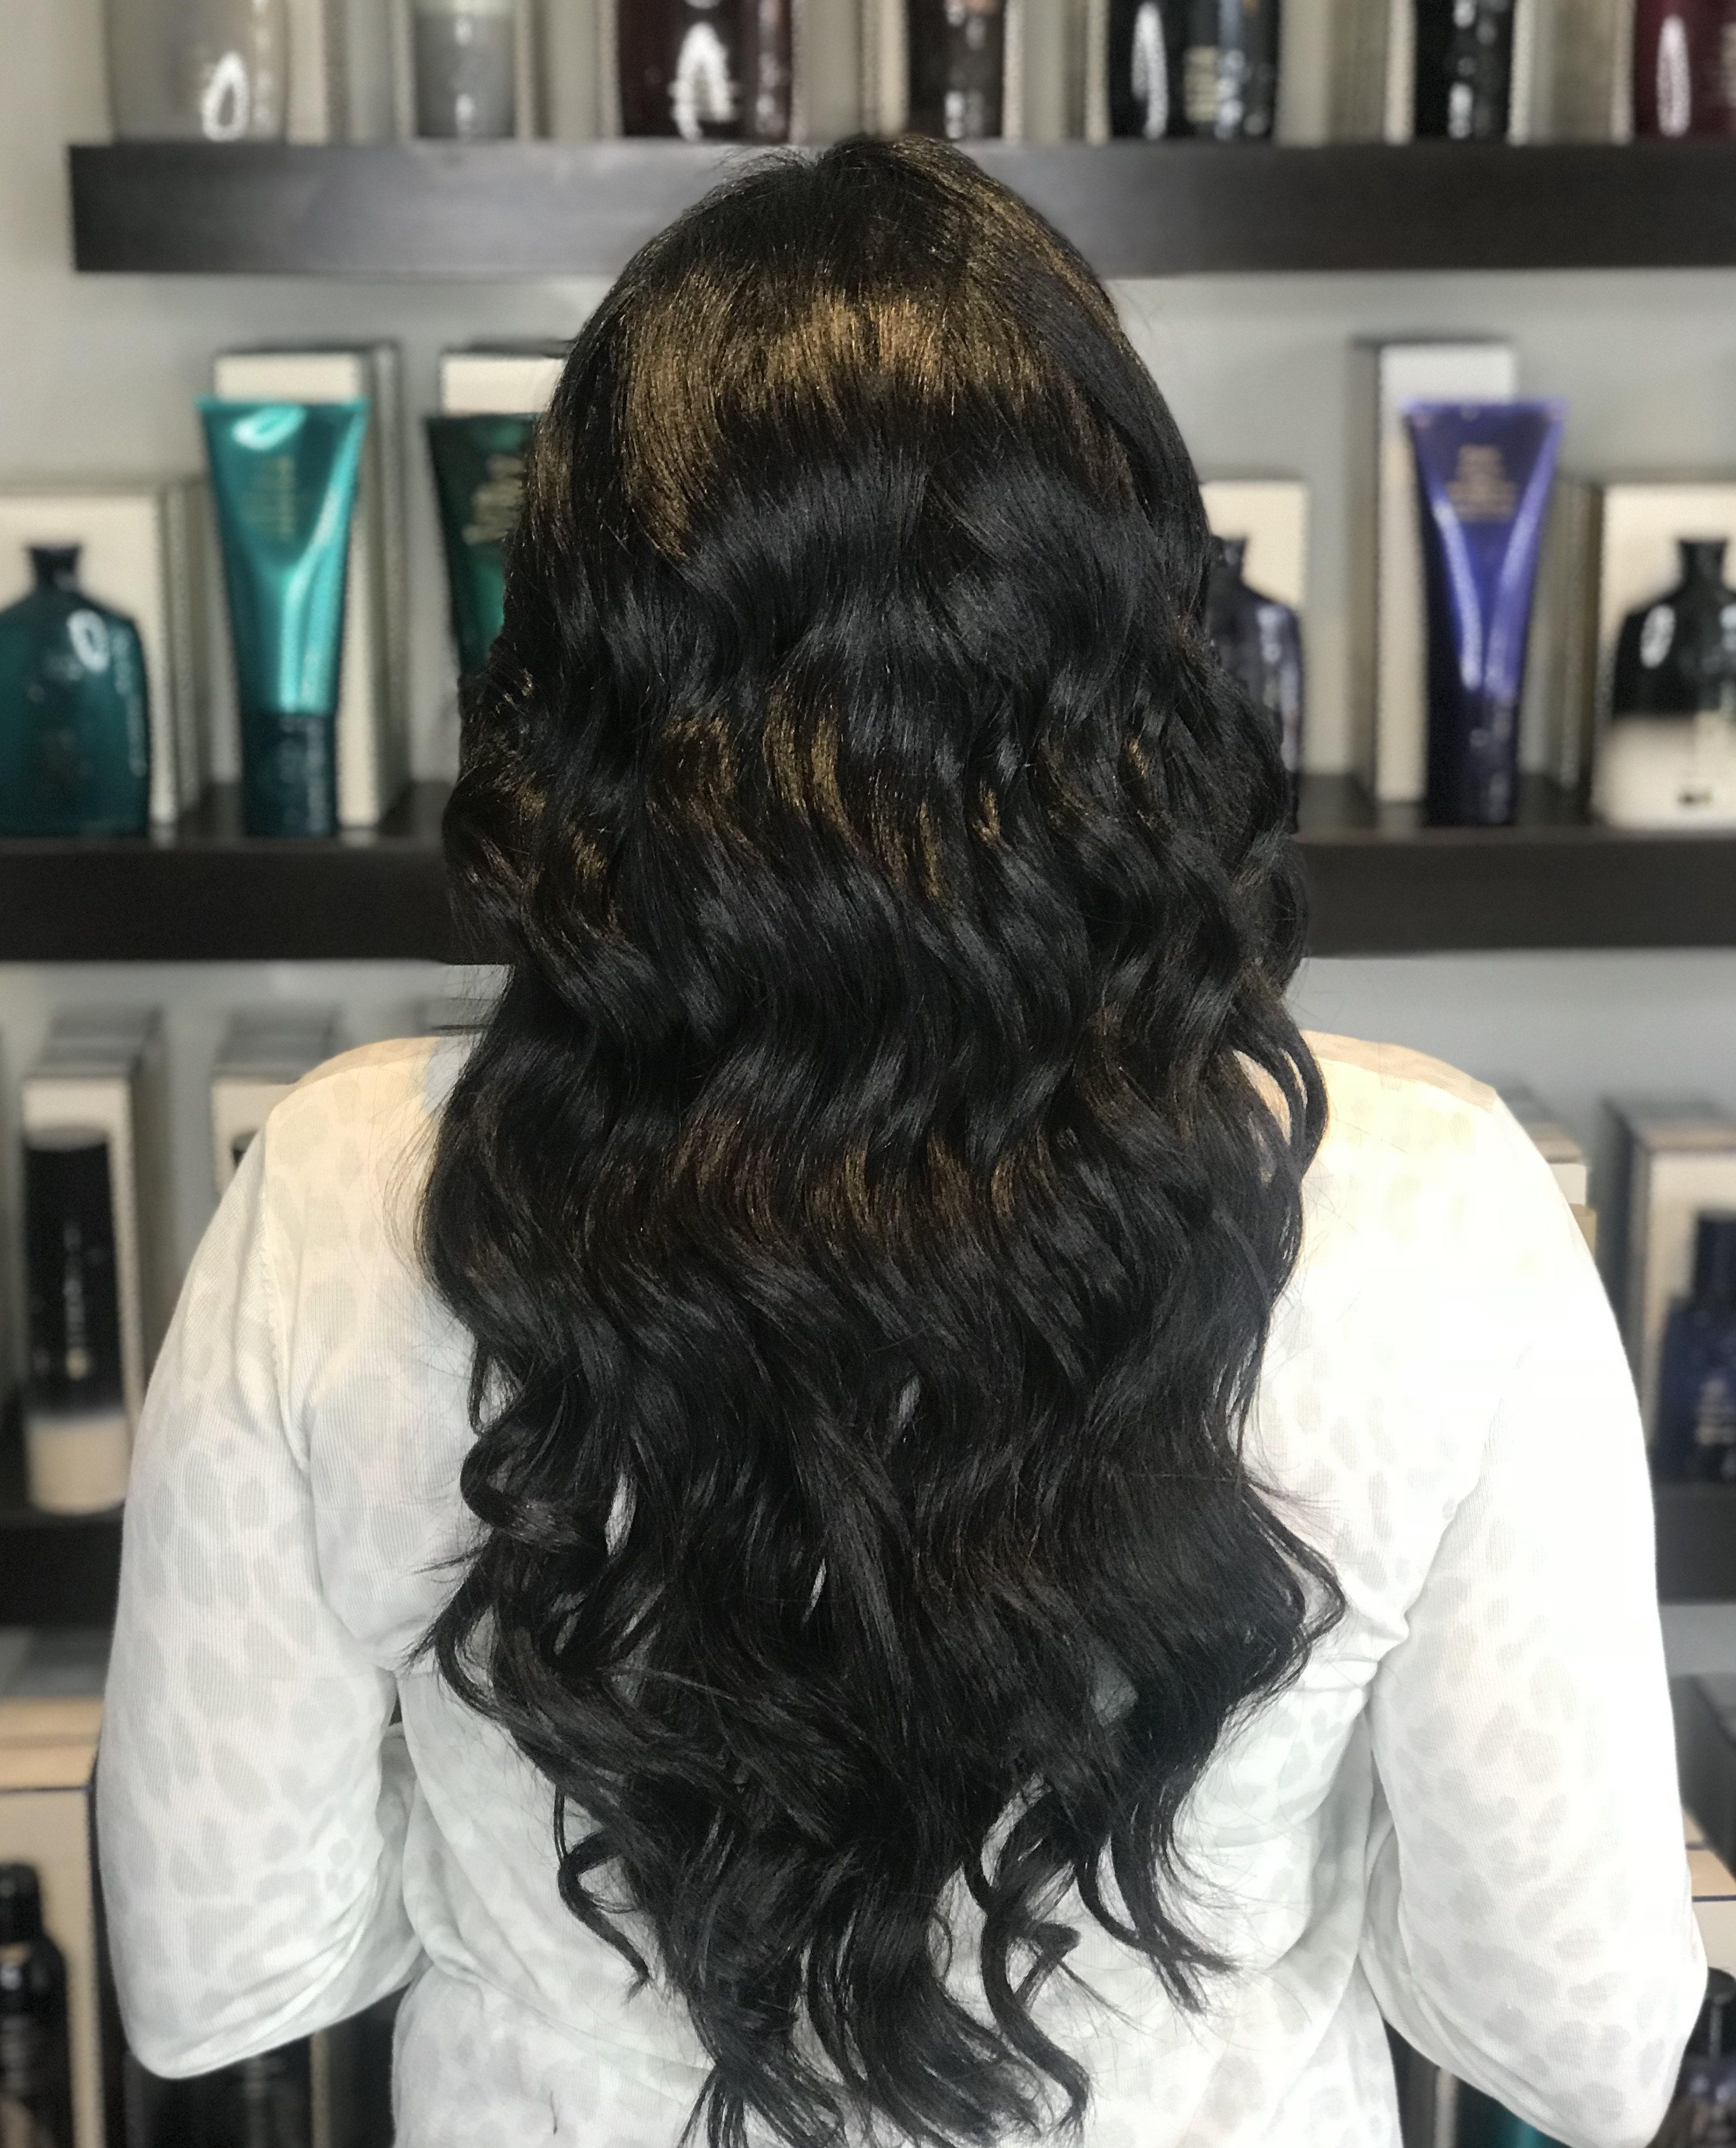 Does Dyed Black Hair Fade Black Hair Dye Black Hair Fade Hair